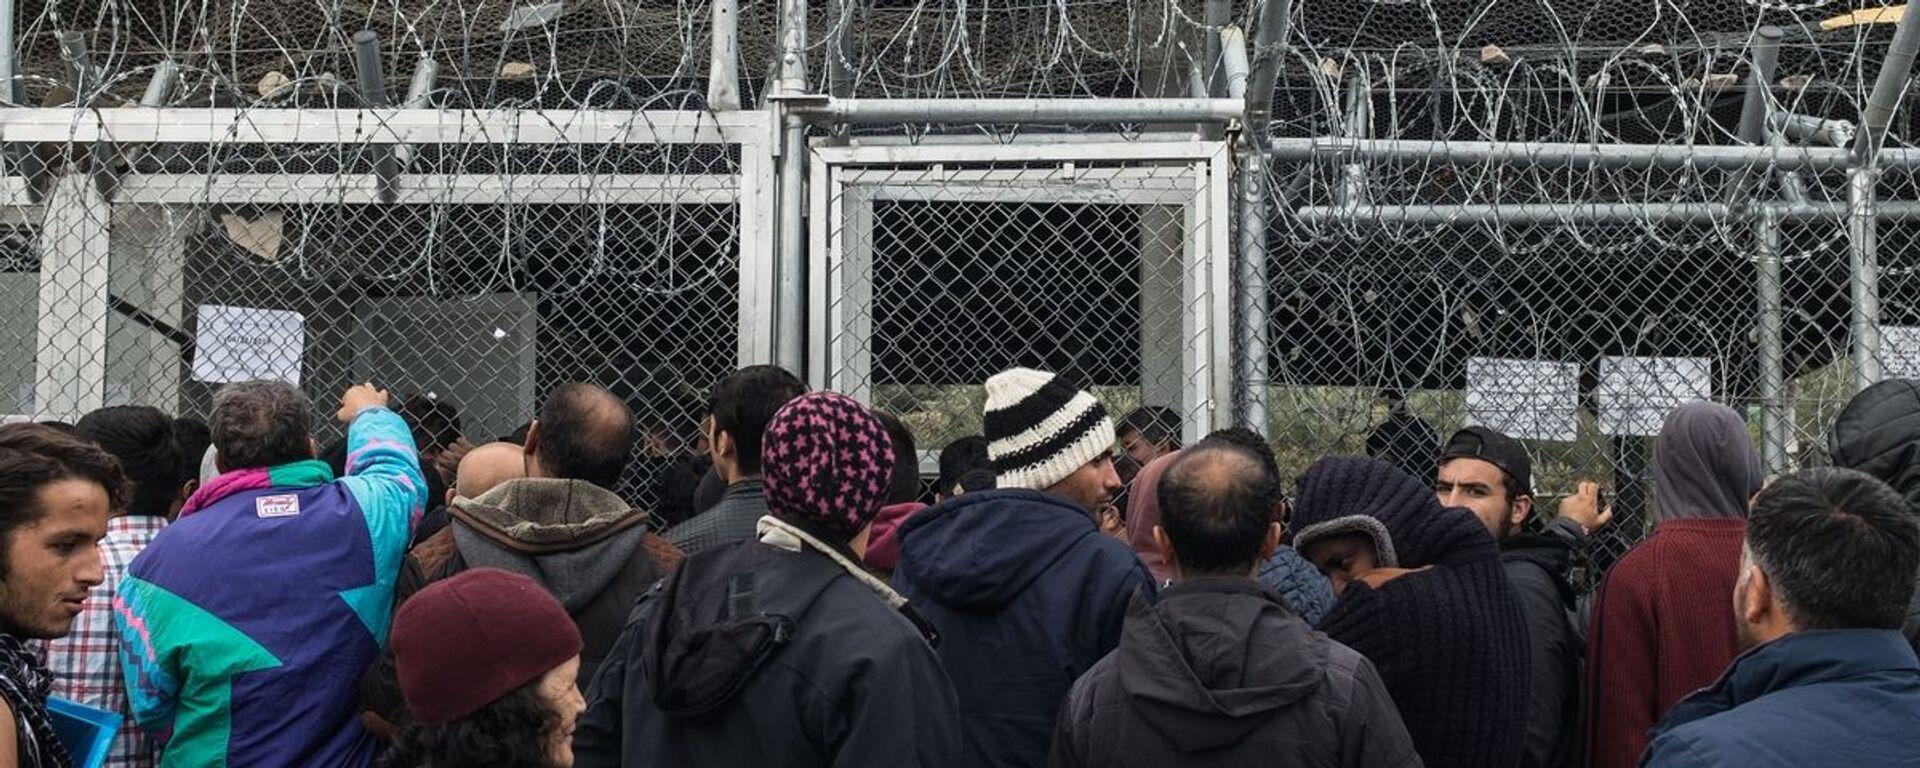 Το καμπ προσφύγων στη Μόρια - Sputnik Ελλάδα, 1920, 17.08.2021